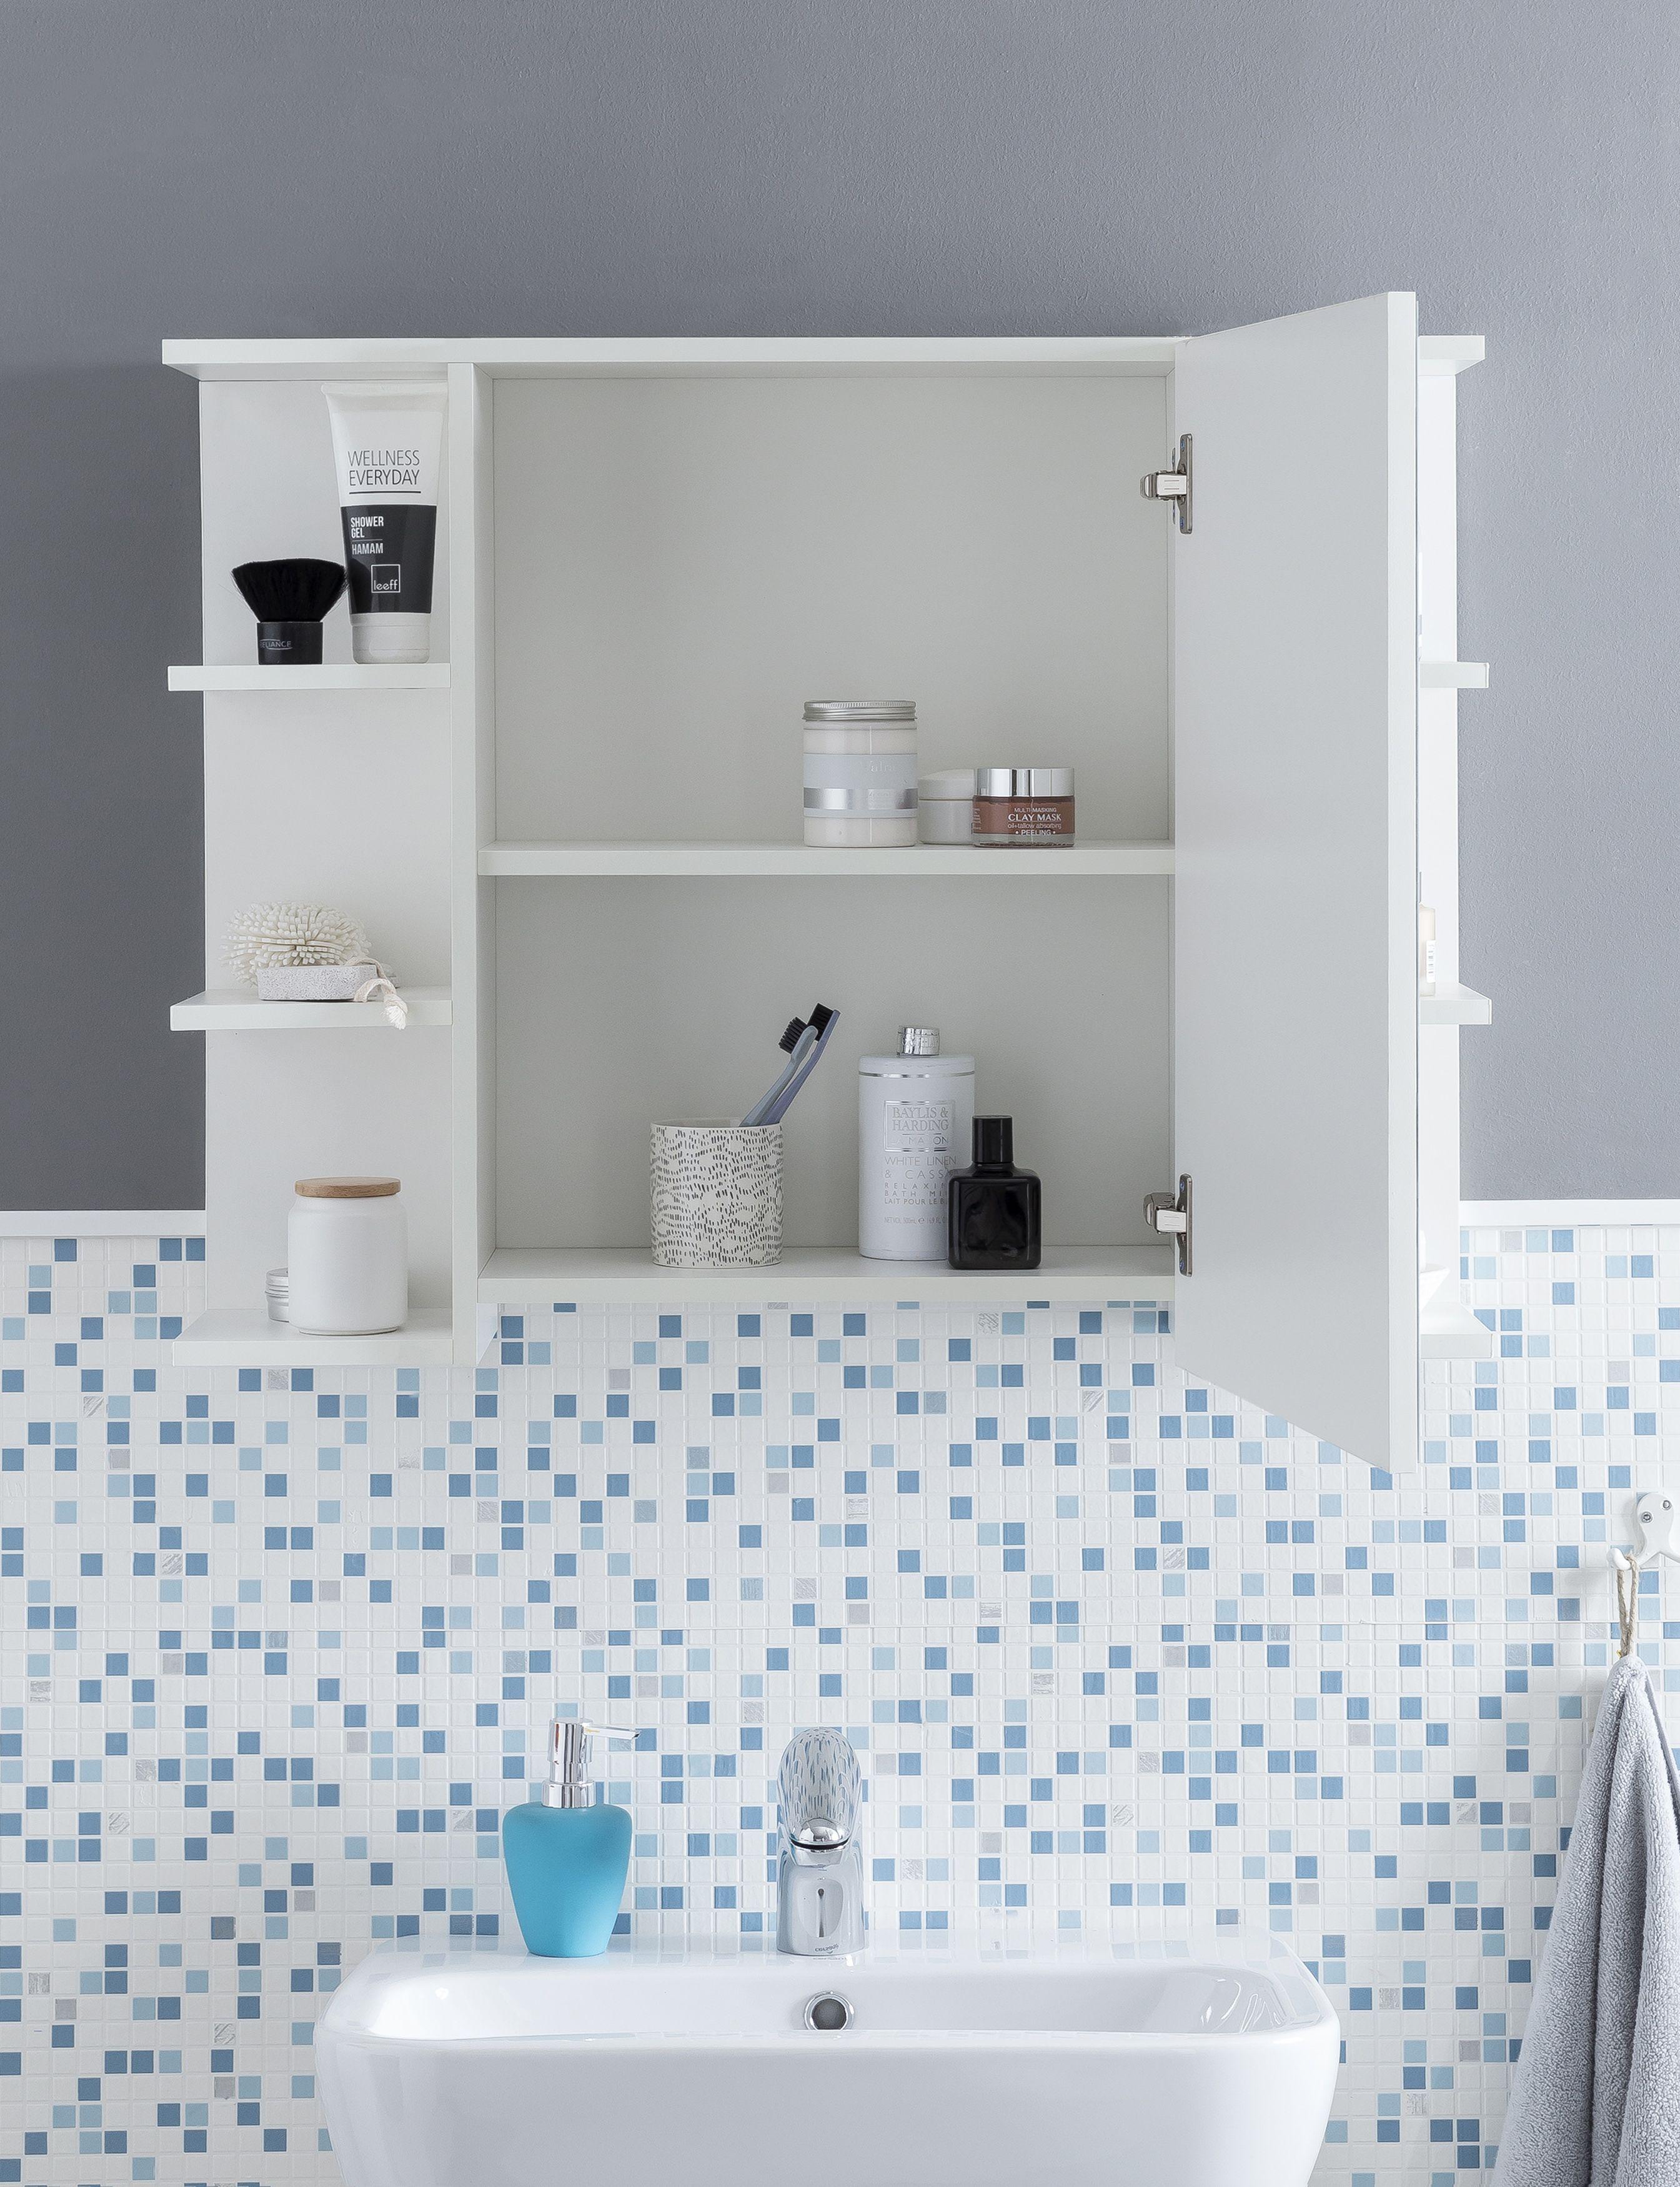 Wohnling Badschrank Weiss Wl5 754 Aus Spanplatte Bathroom Cabinet Badschrank Gaste Toilette Schrank